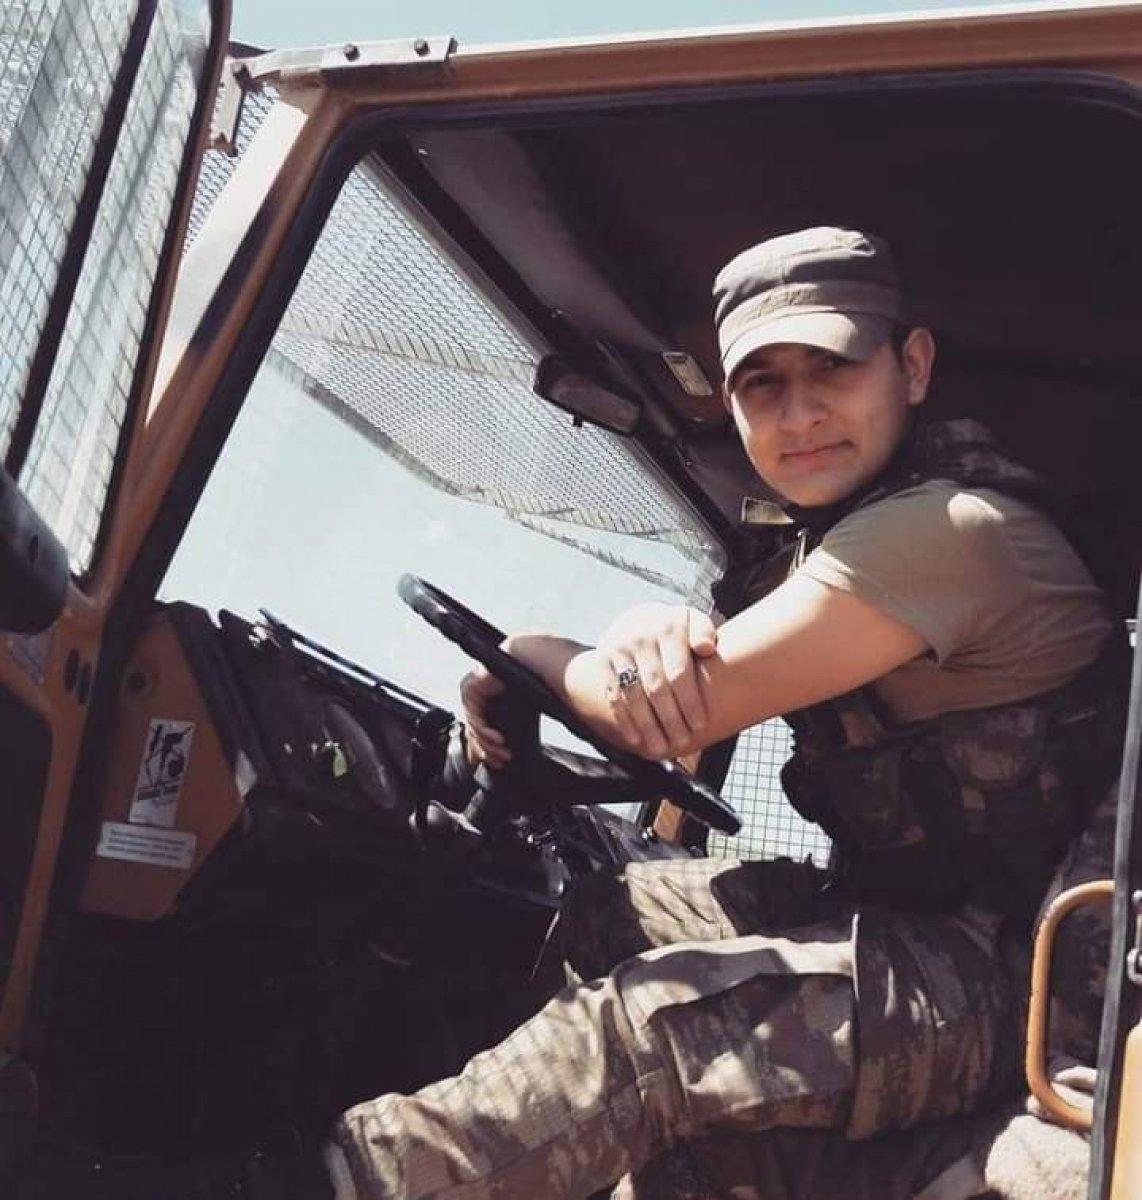 Kütahyalı Uzman Onbaşı Güler trafik kazasında şehit oldu #1